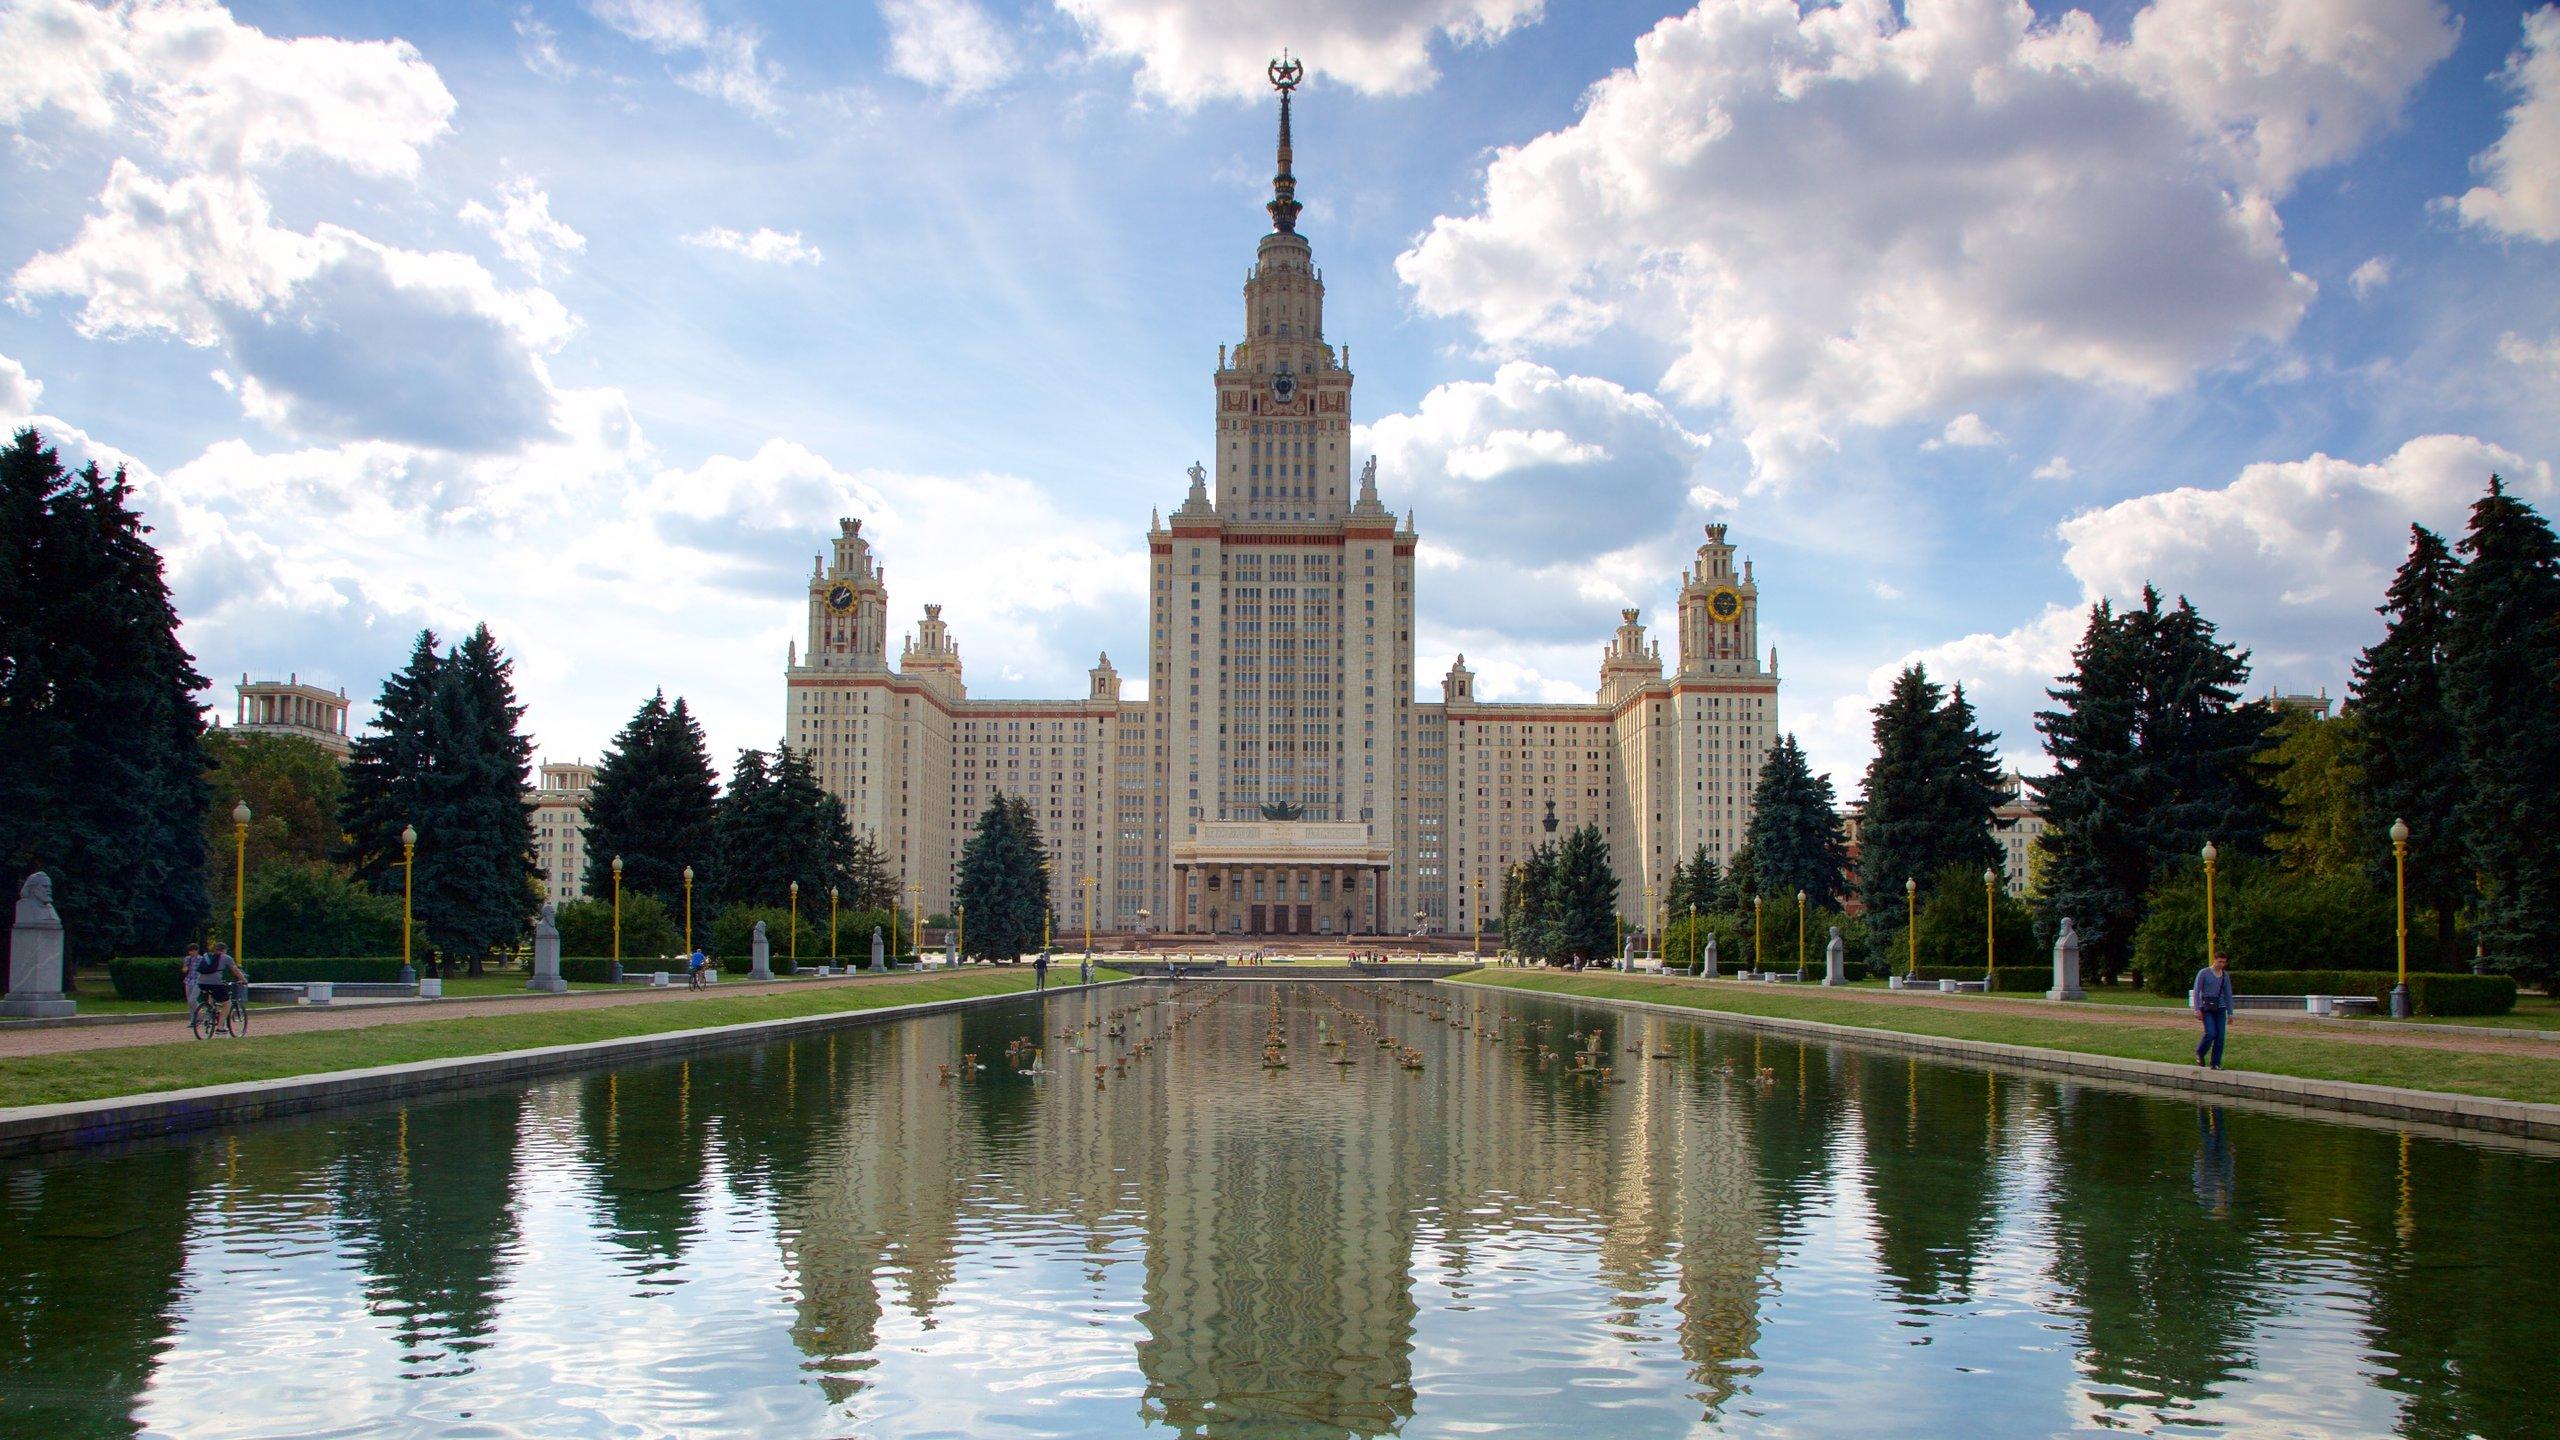 Visita la universidad de Universidad Estatal de Moscú durante tus vacaciones en Ramenki. Además, aquí también podrás disfrutar de su oferta teatral y sus museos.